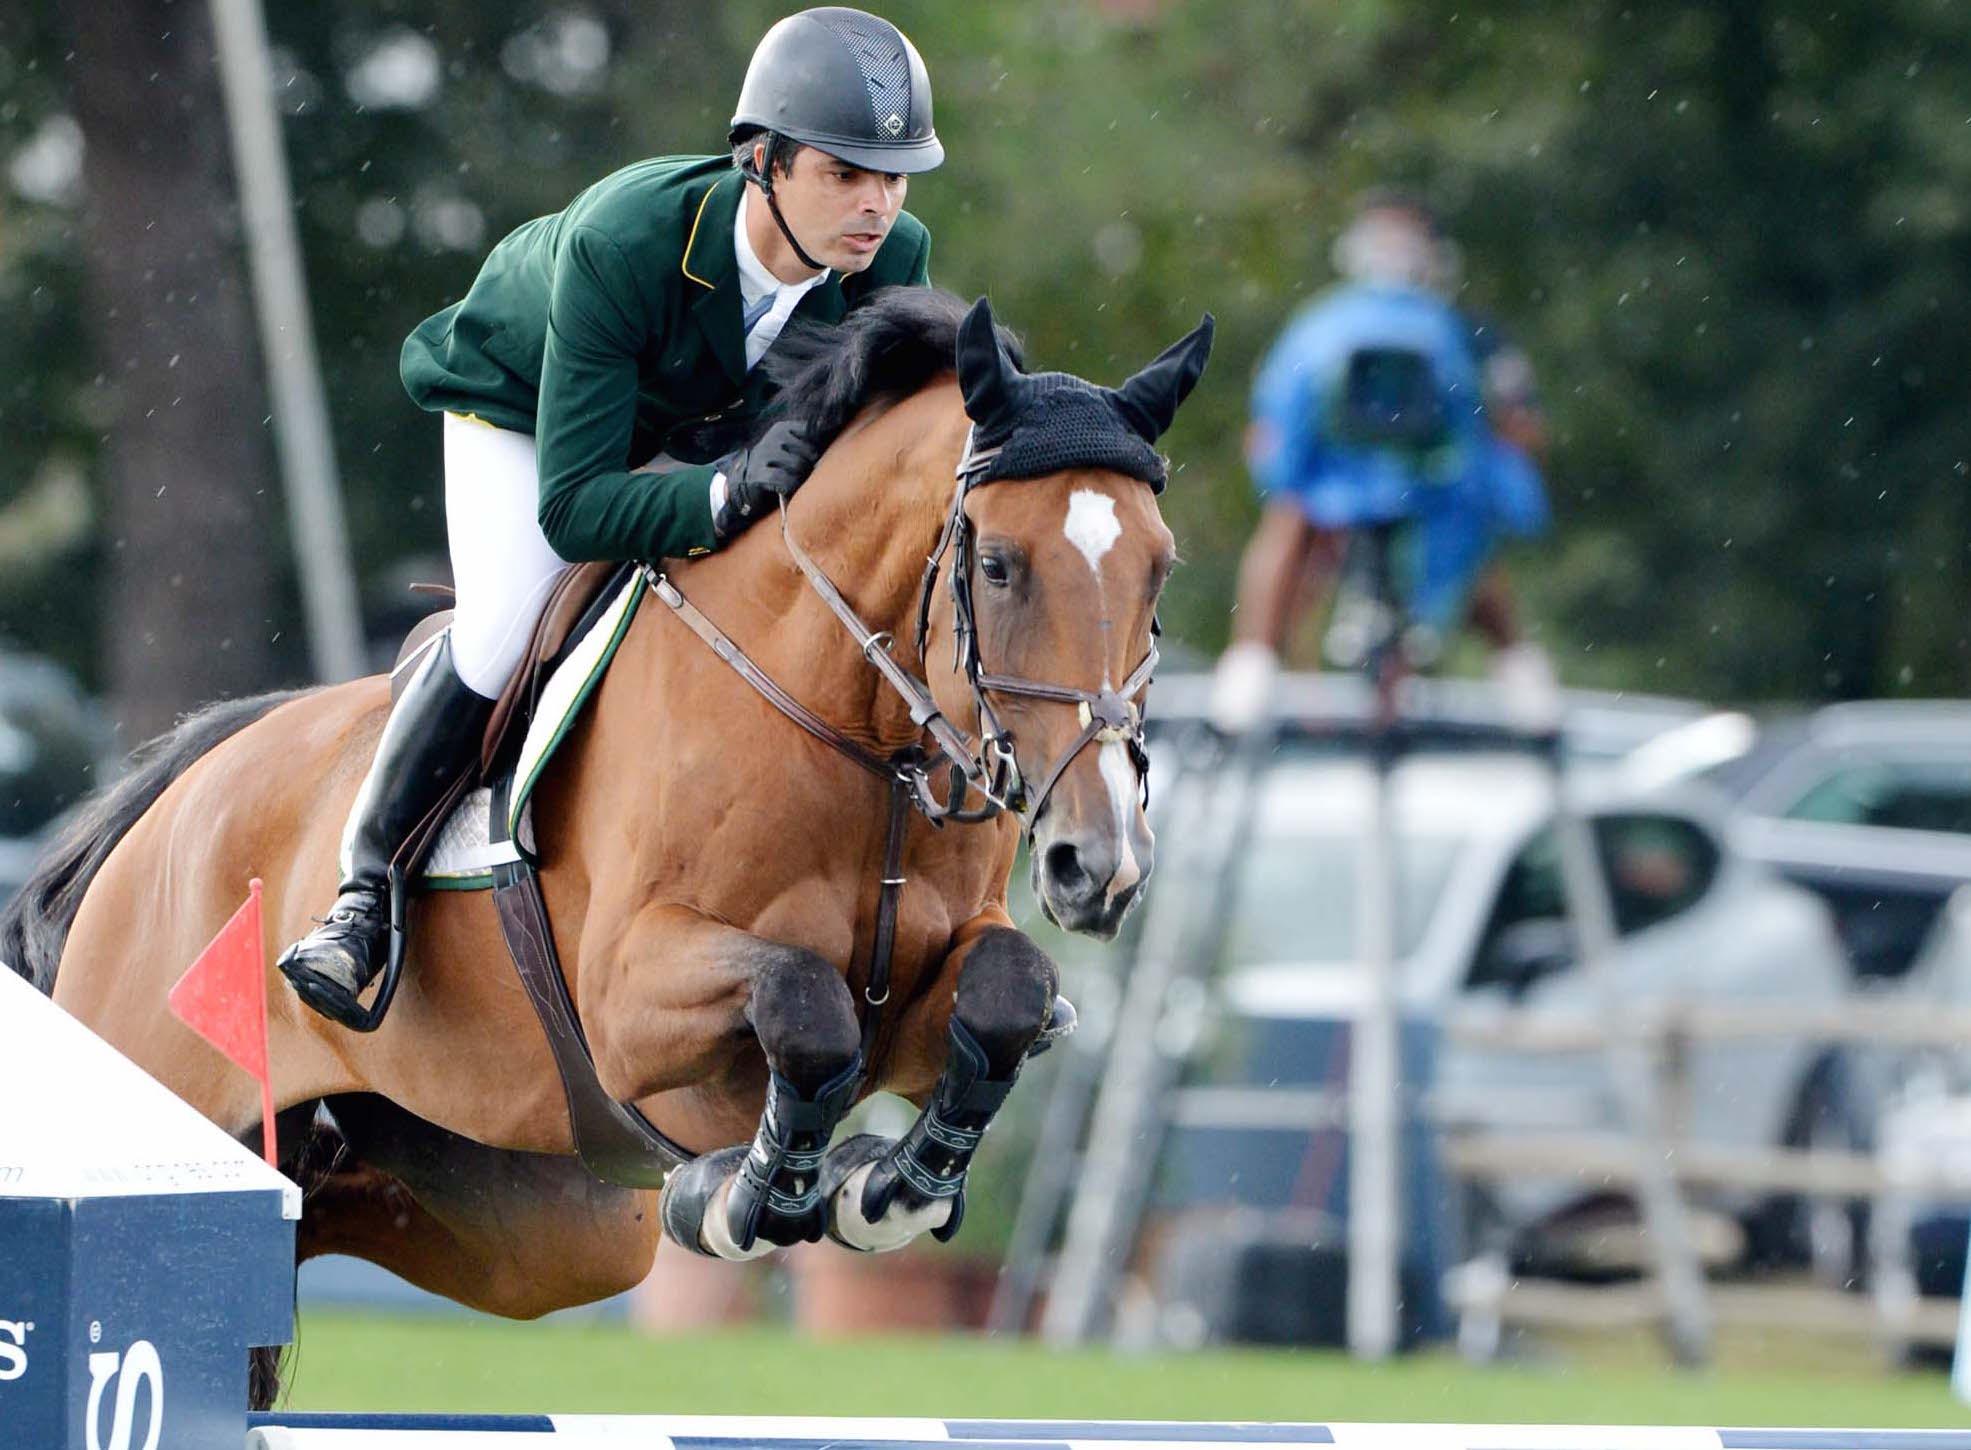 Csio di San Marino, Lirica e cavalli in memoria di Luciano Pavarotti